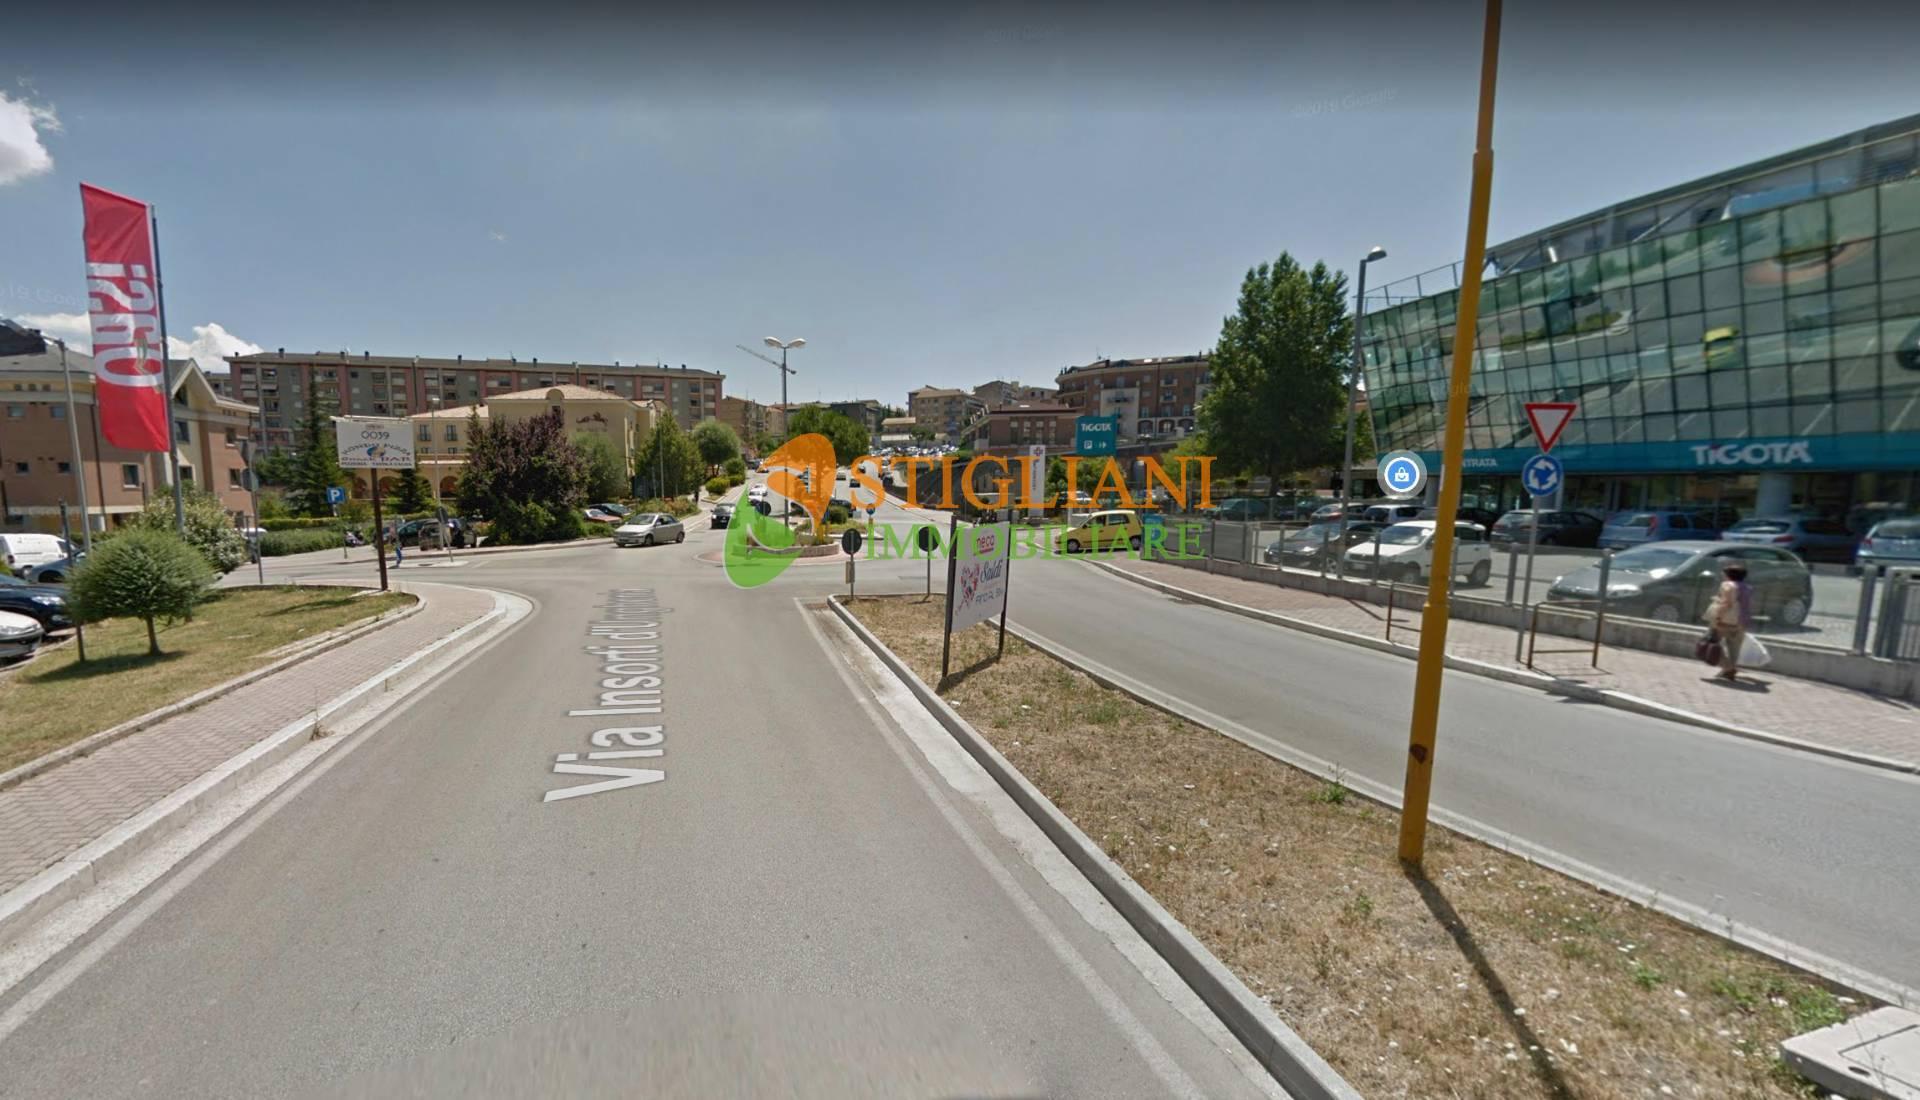 Box / Garage in vendita a Campobasso, 1 locali, zona Località: Periferia, prezzo € 15.900   CambioCasa.it